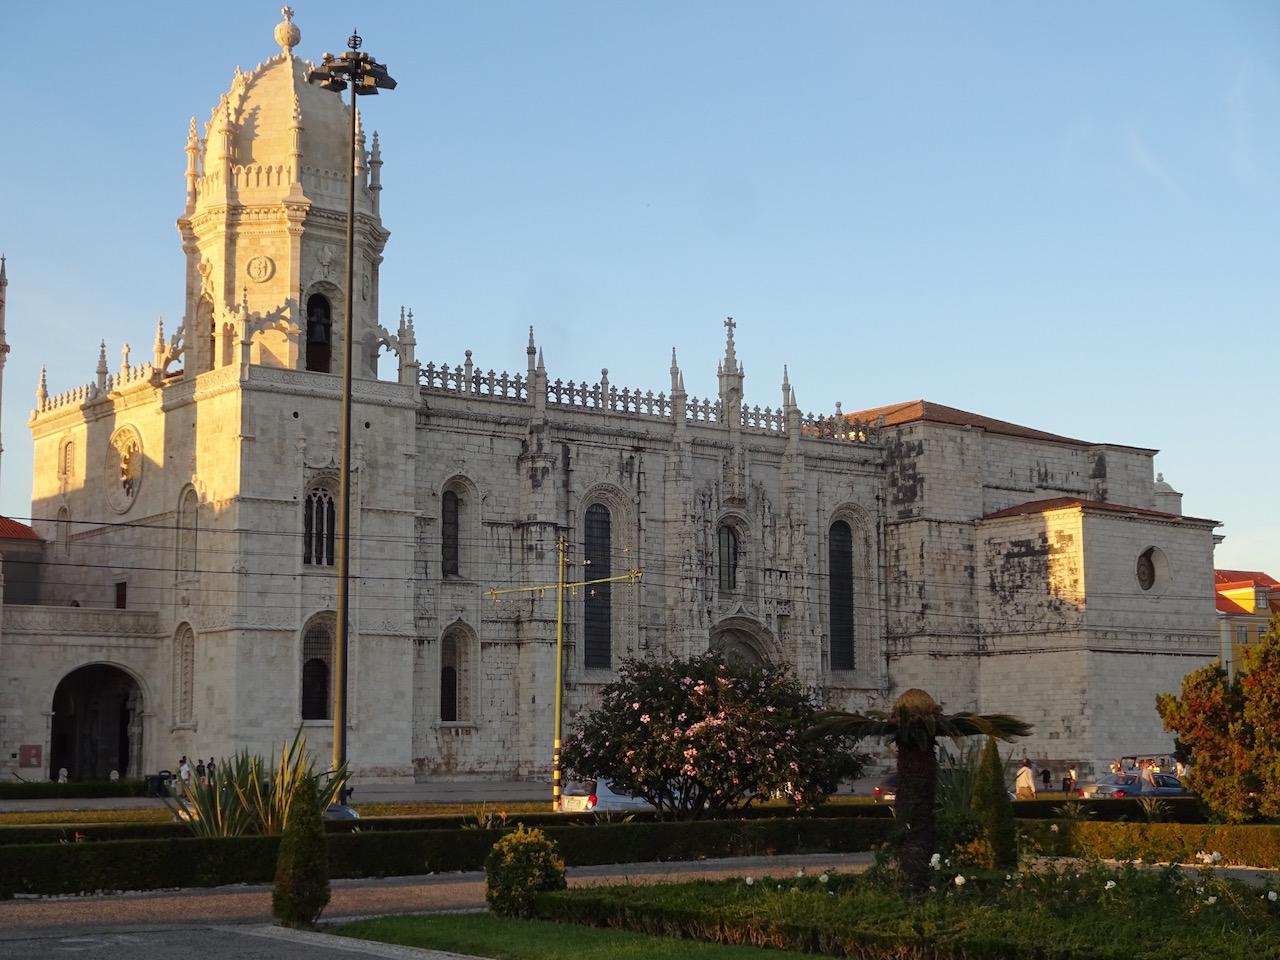 das Mosteiro dos Jerónimo - auch Hieronymuskloster genannt wurde nach der Rückkehr von Vasco da Gama von seiner ersten Indienreise gebaut